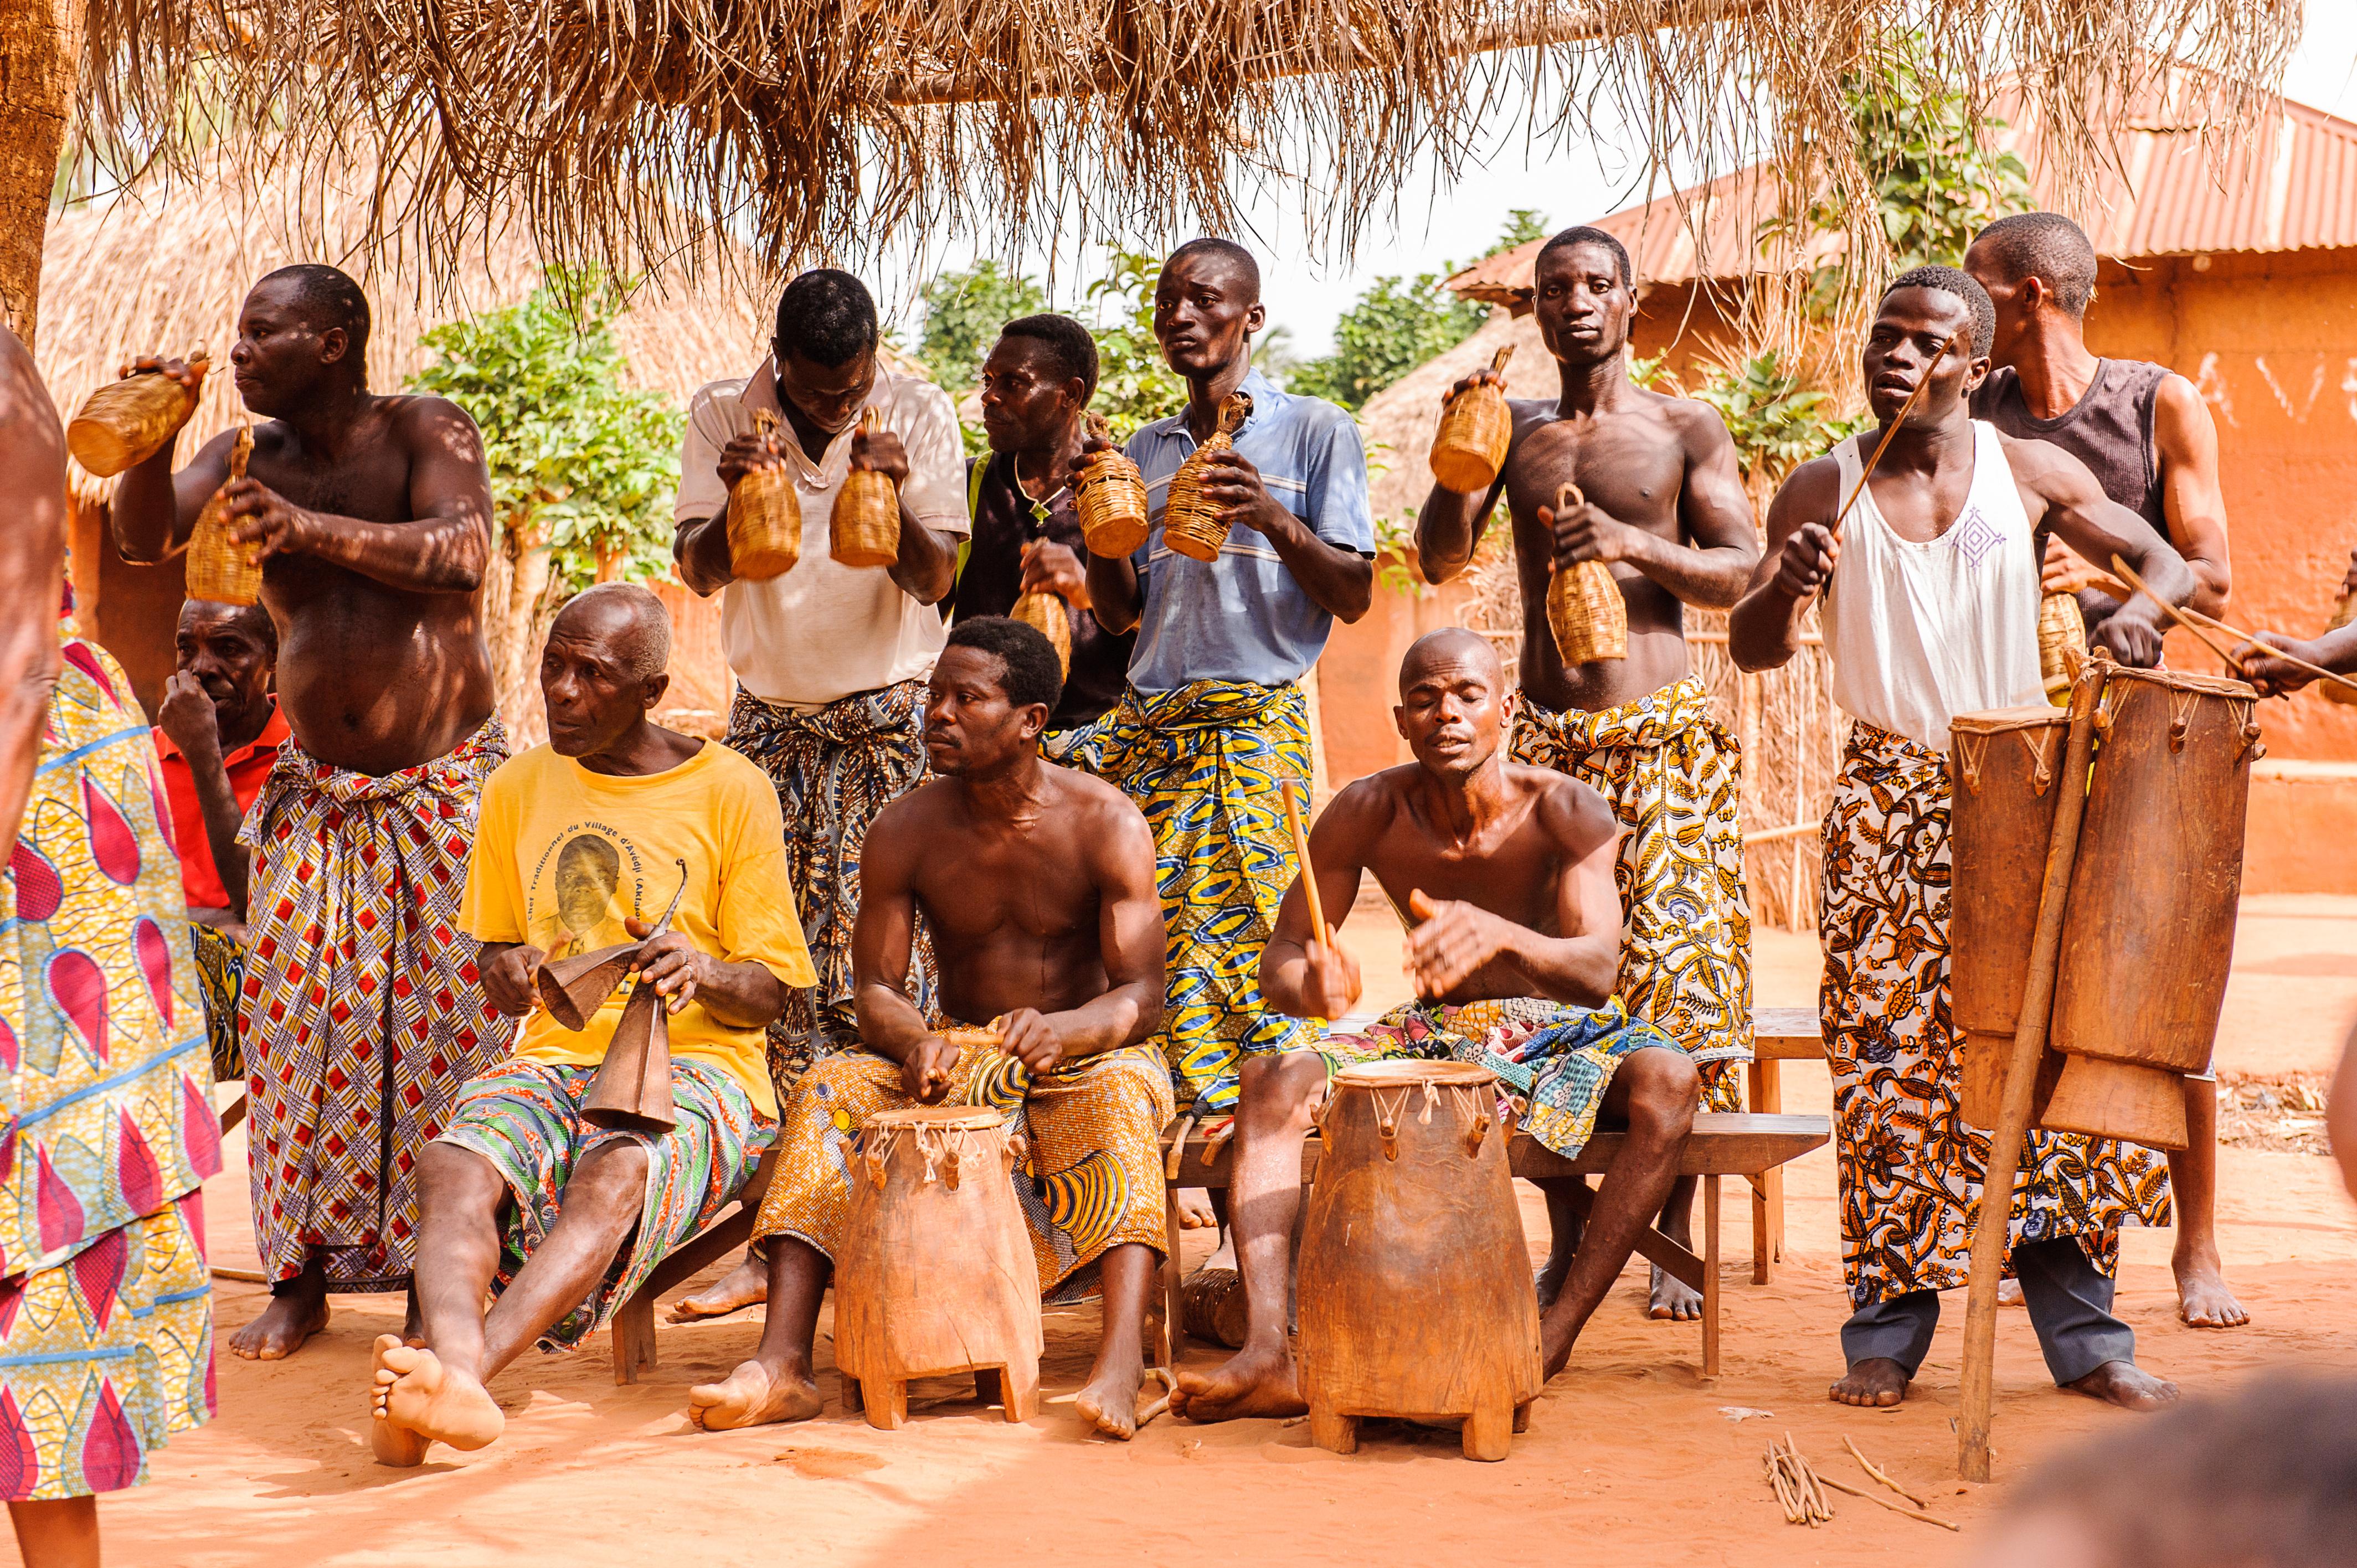 Togo Go CulturaReligione Popolazione In E Afrique PiTlwukZOX